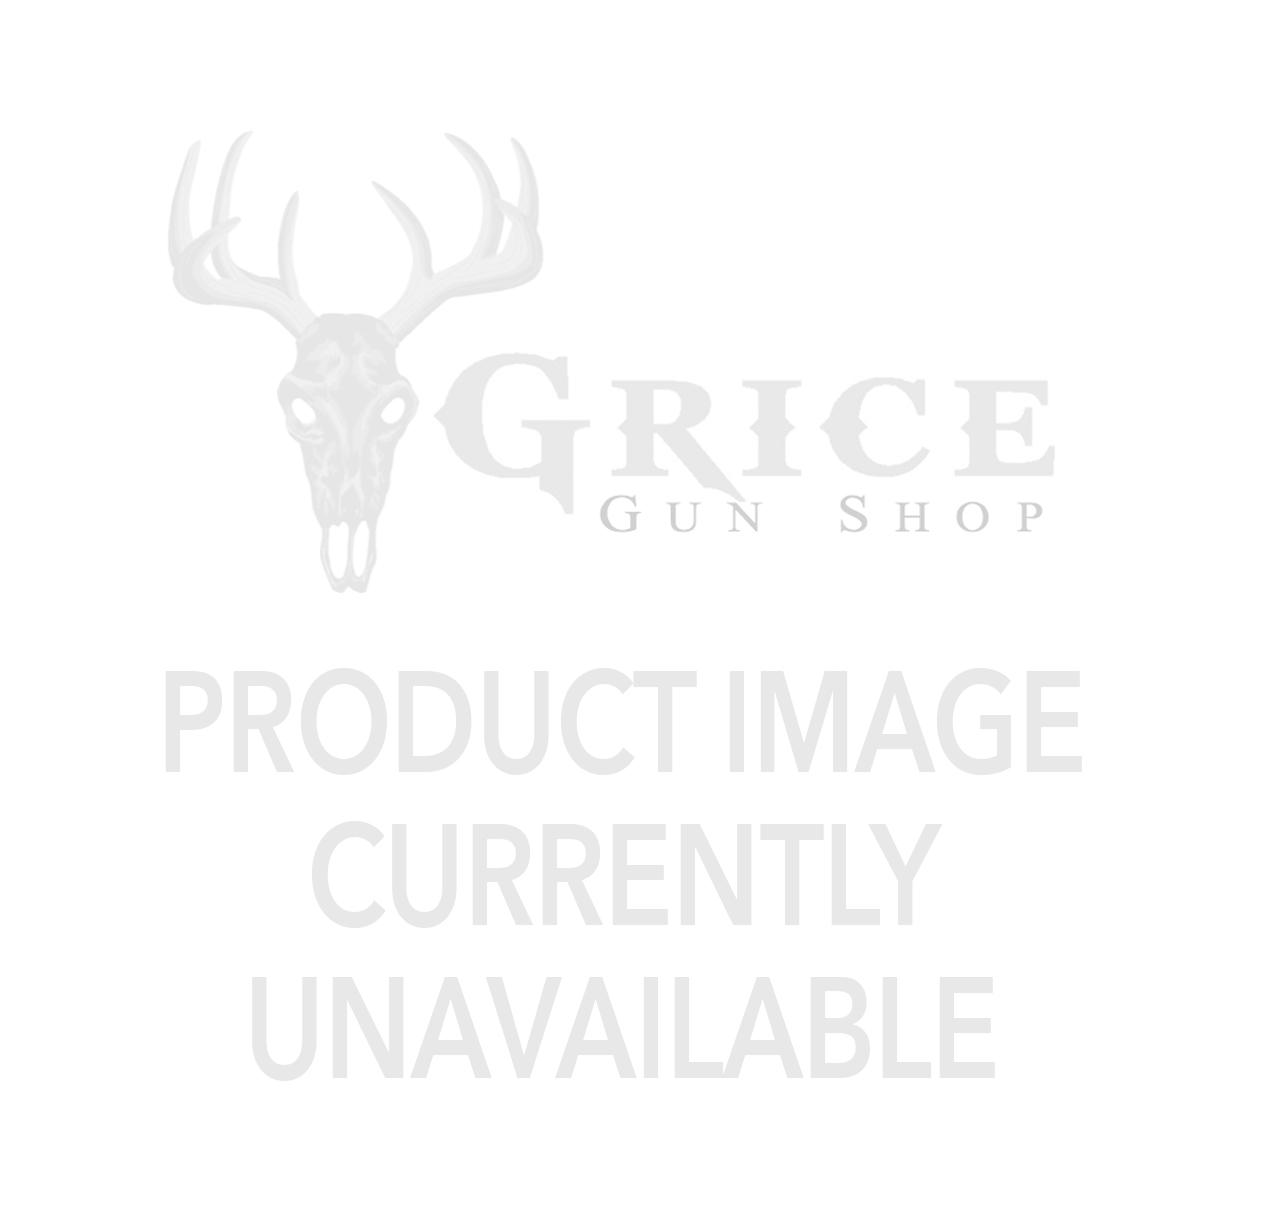 Otis - 9MM Pistol Kit In Molded Case